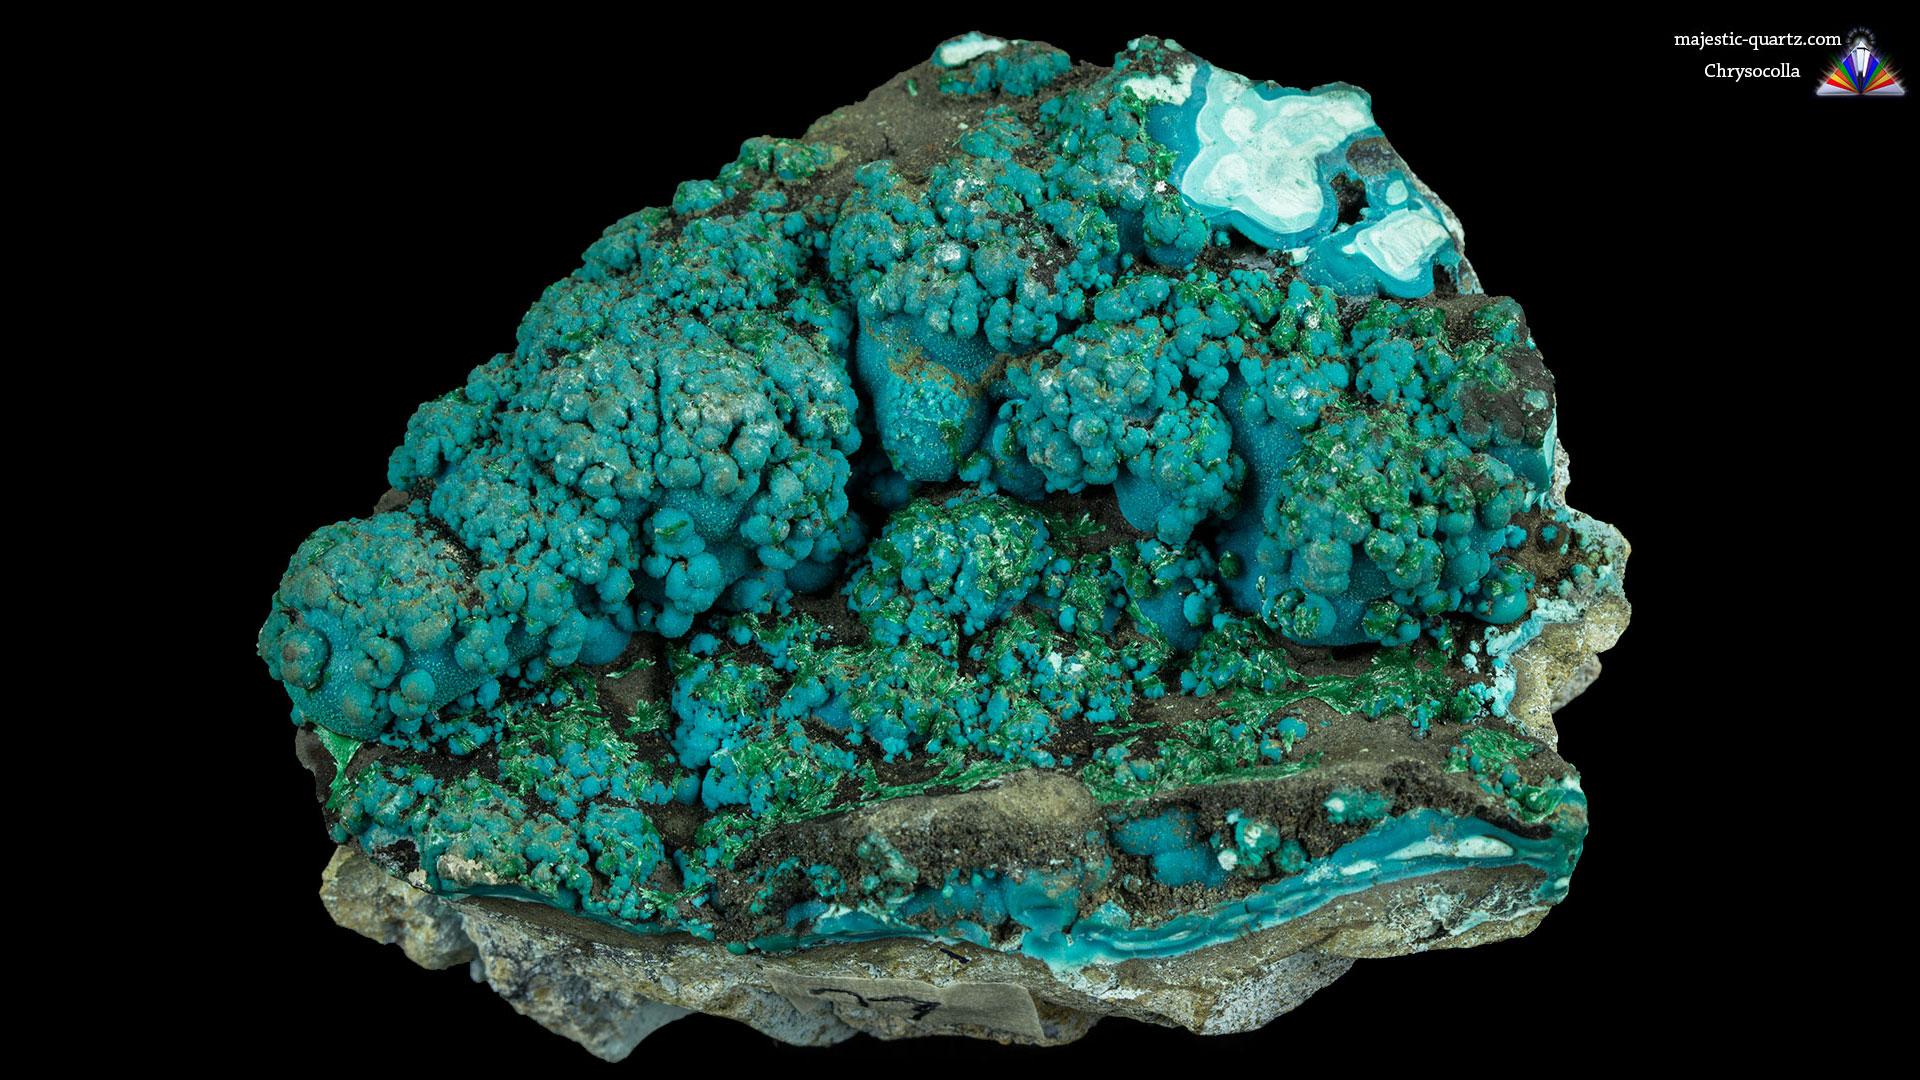 Chrysocolla Crystal Specimen - Photograph by Anthony Bradford